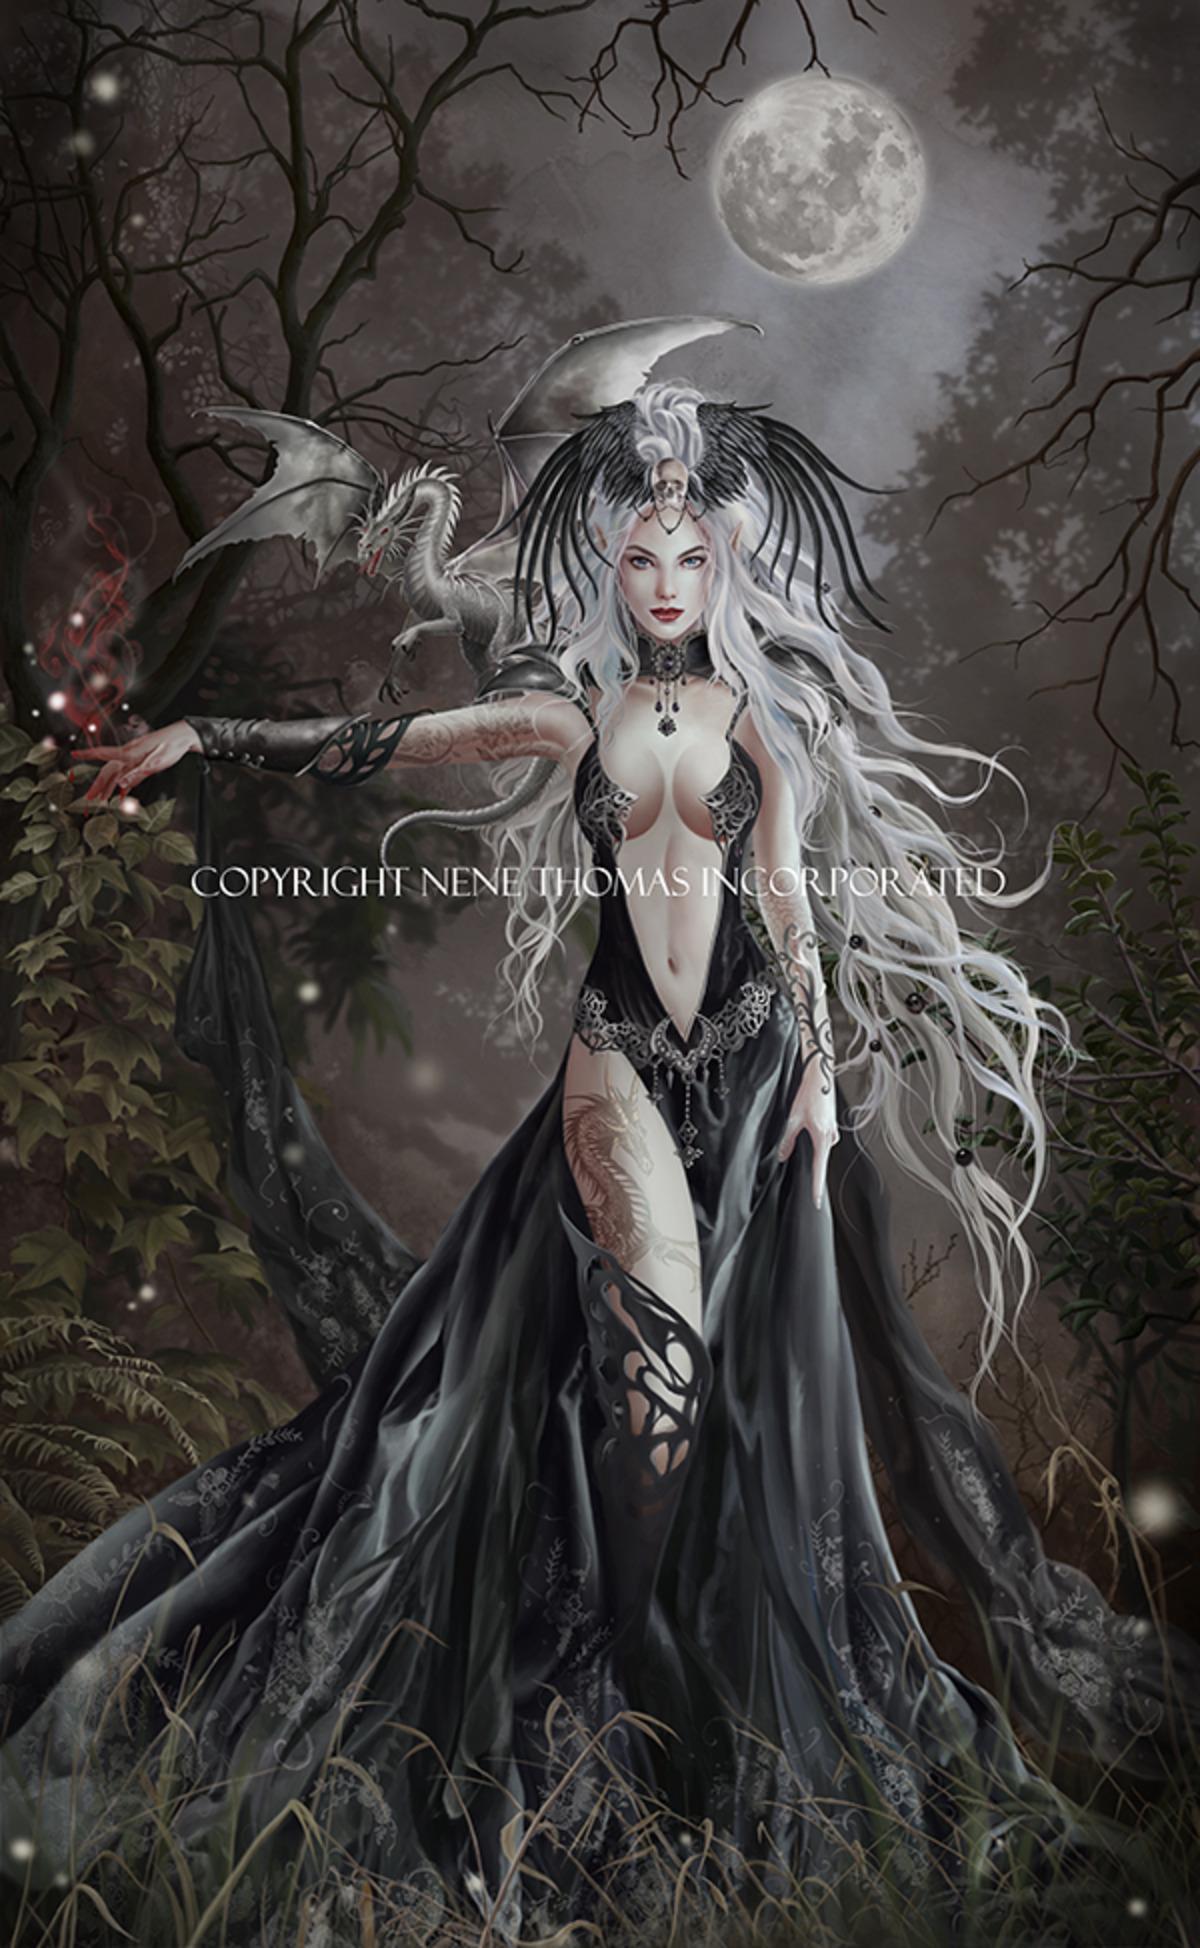 Queen of Havoc